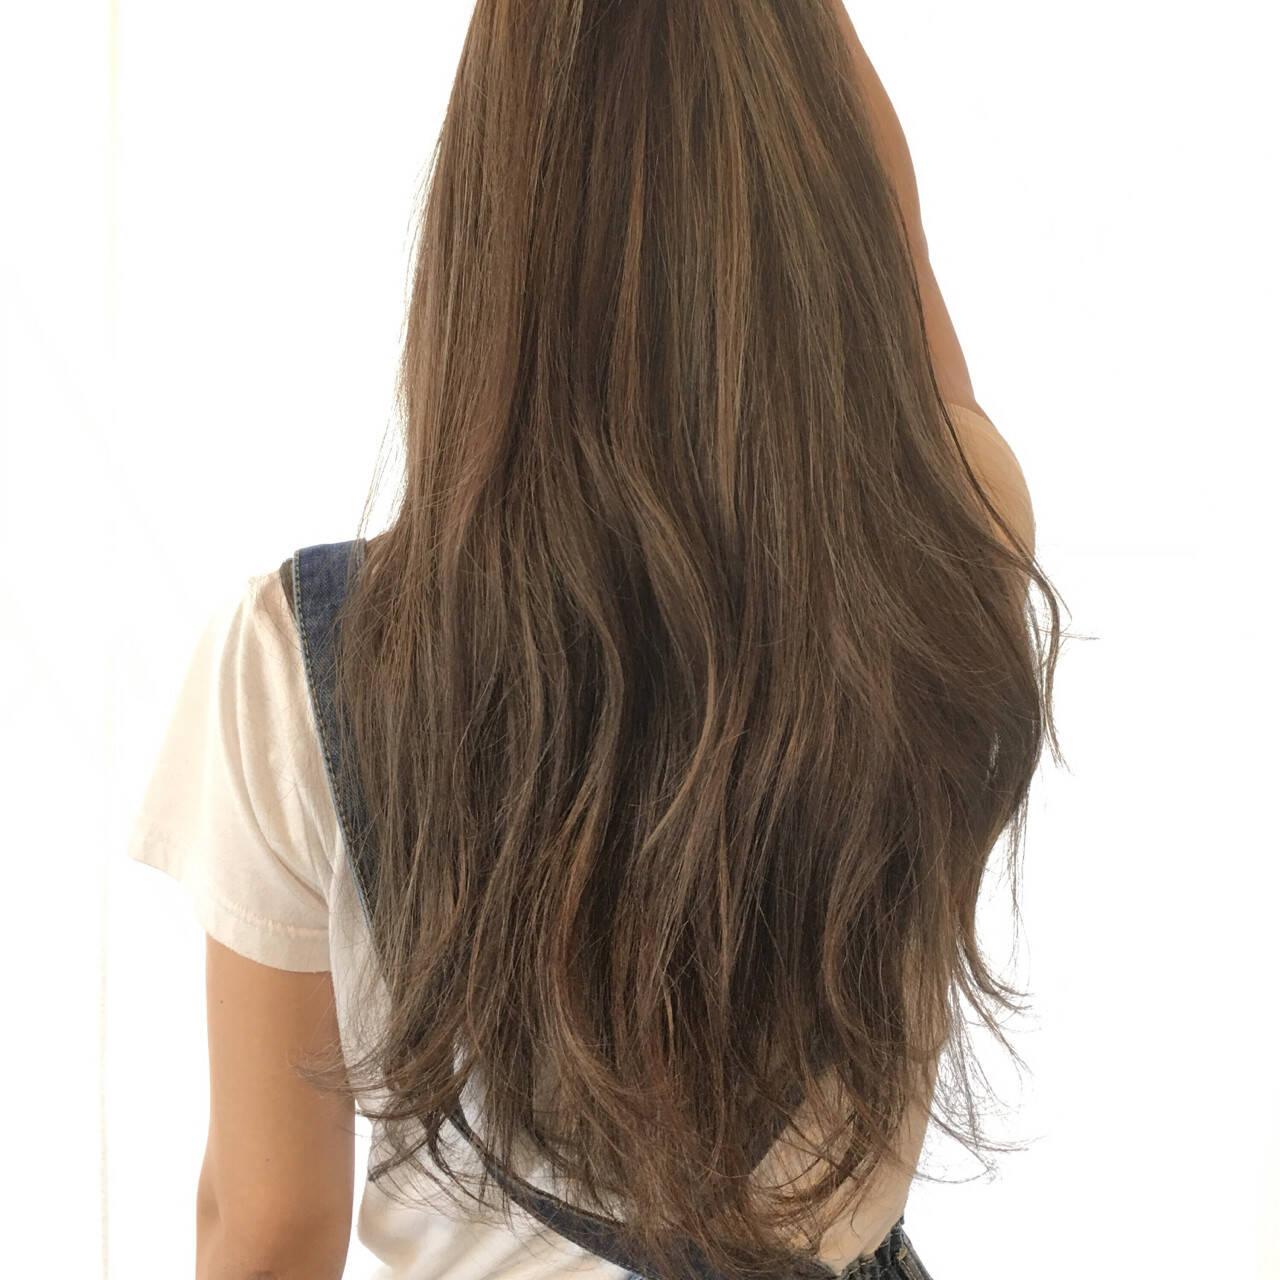 ロング 大人かわいい ブルーアッシュ ハイライトヘアスタイルや髪型の写真・画像